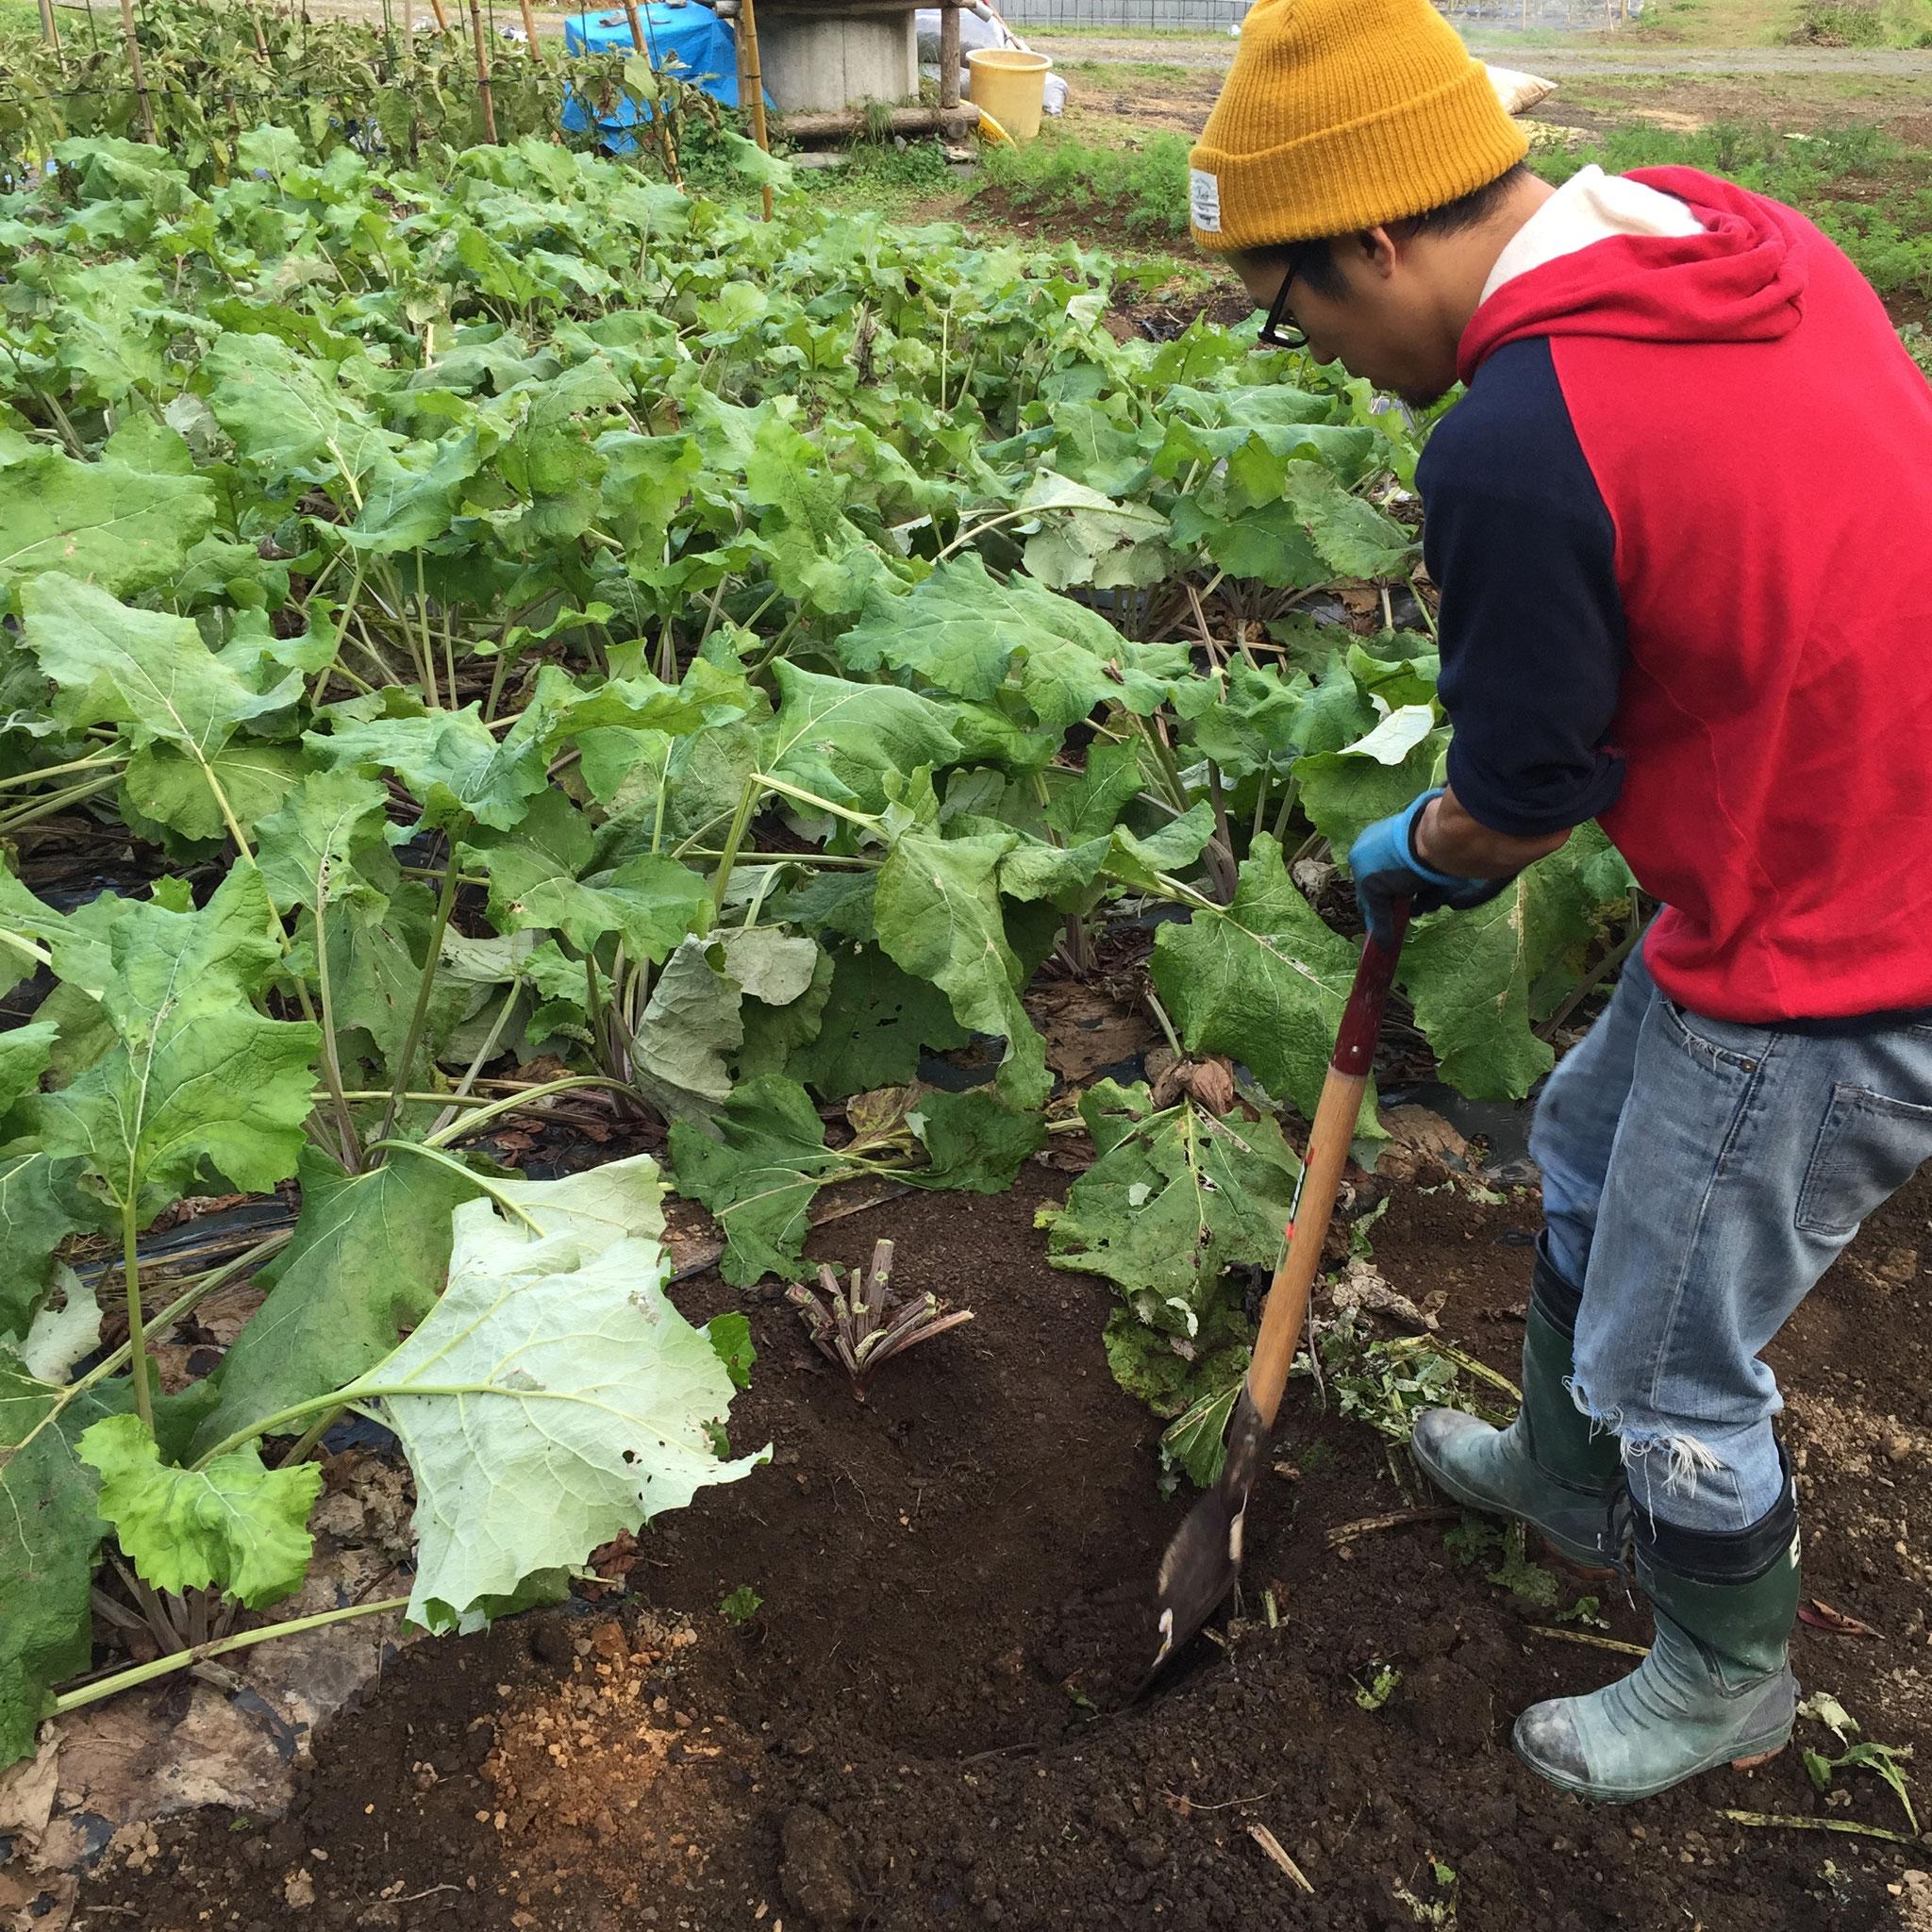 いよいよ、ごぼう掘りスタート!ごぼうの葉っぱは思いのほか大きい!一株選んで、シャベルで周りから掘っていきます。